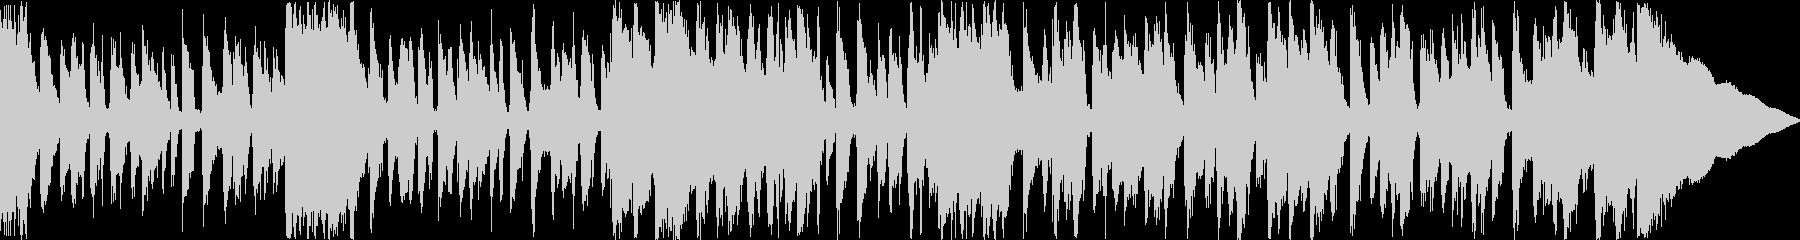 レニークラヴィッツとレッドホットチ...の未再生の波形